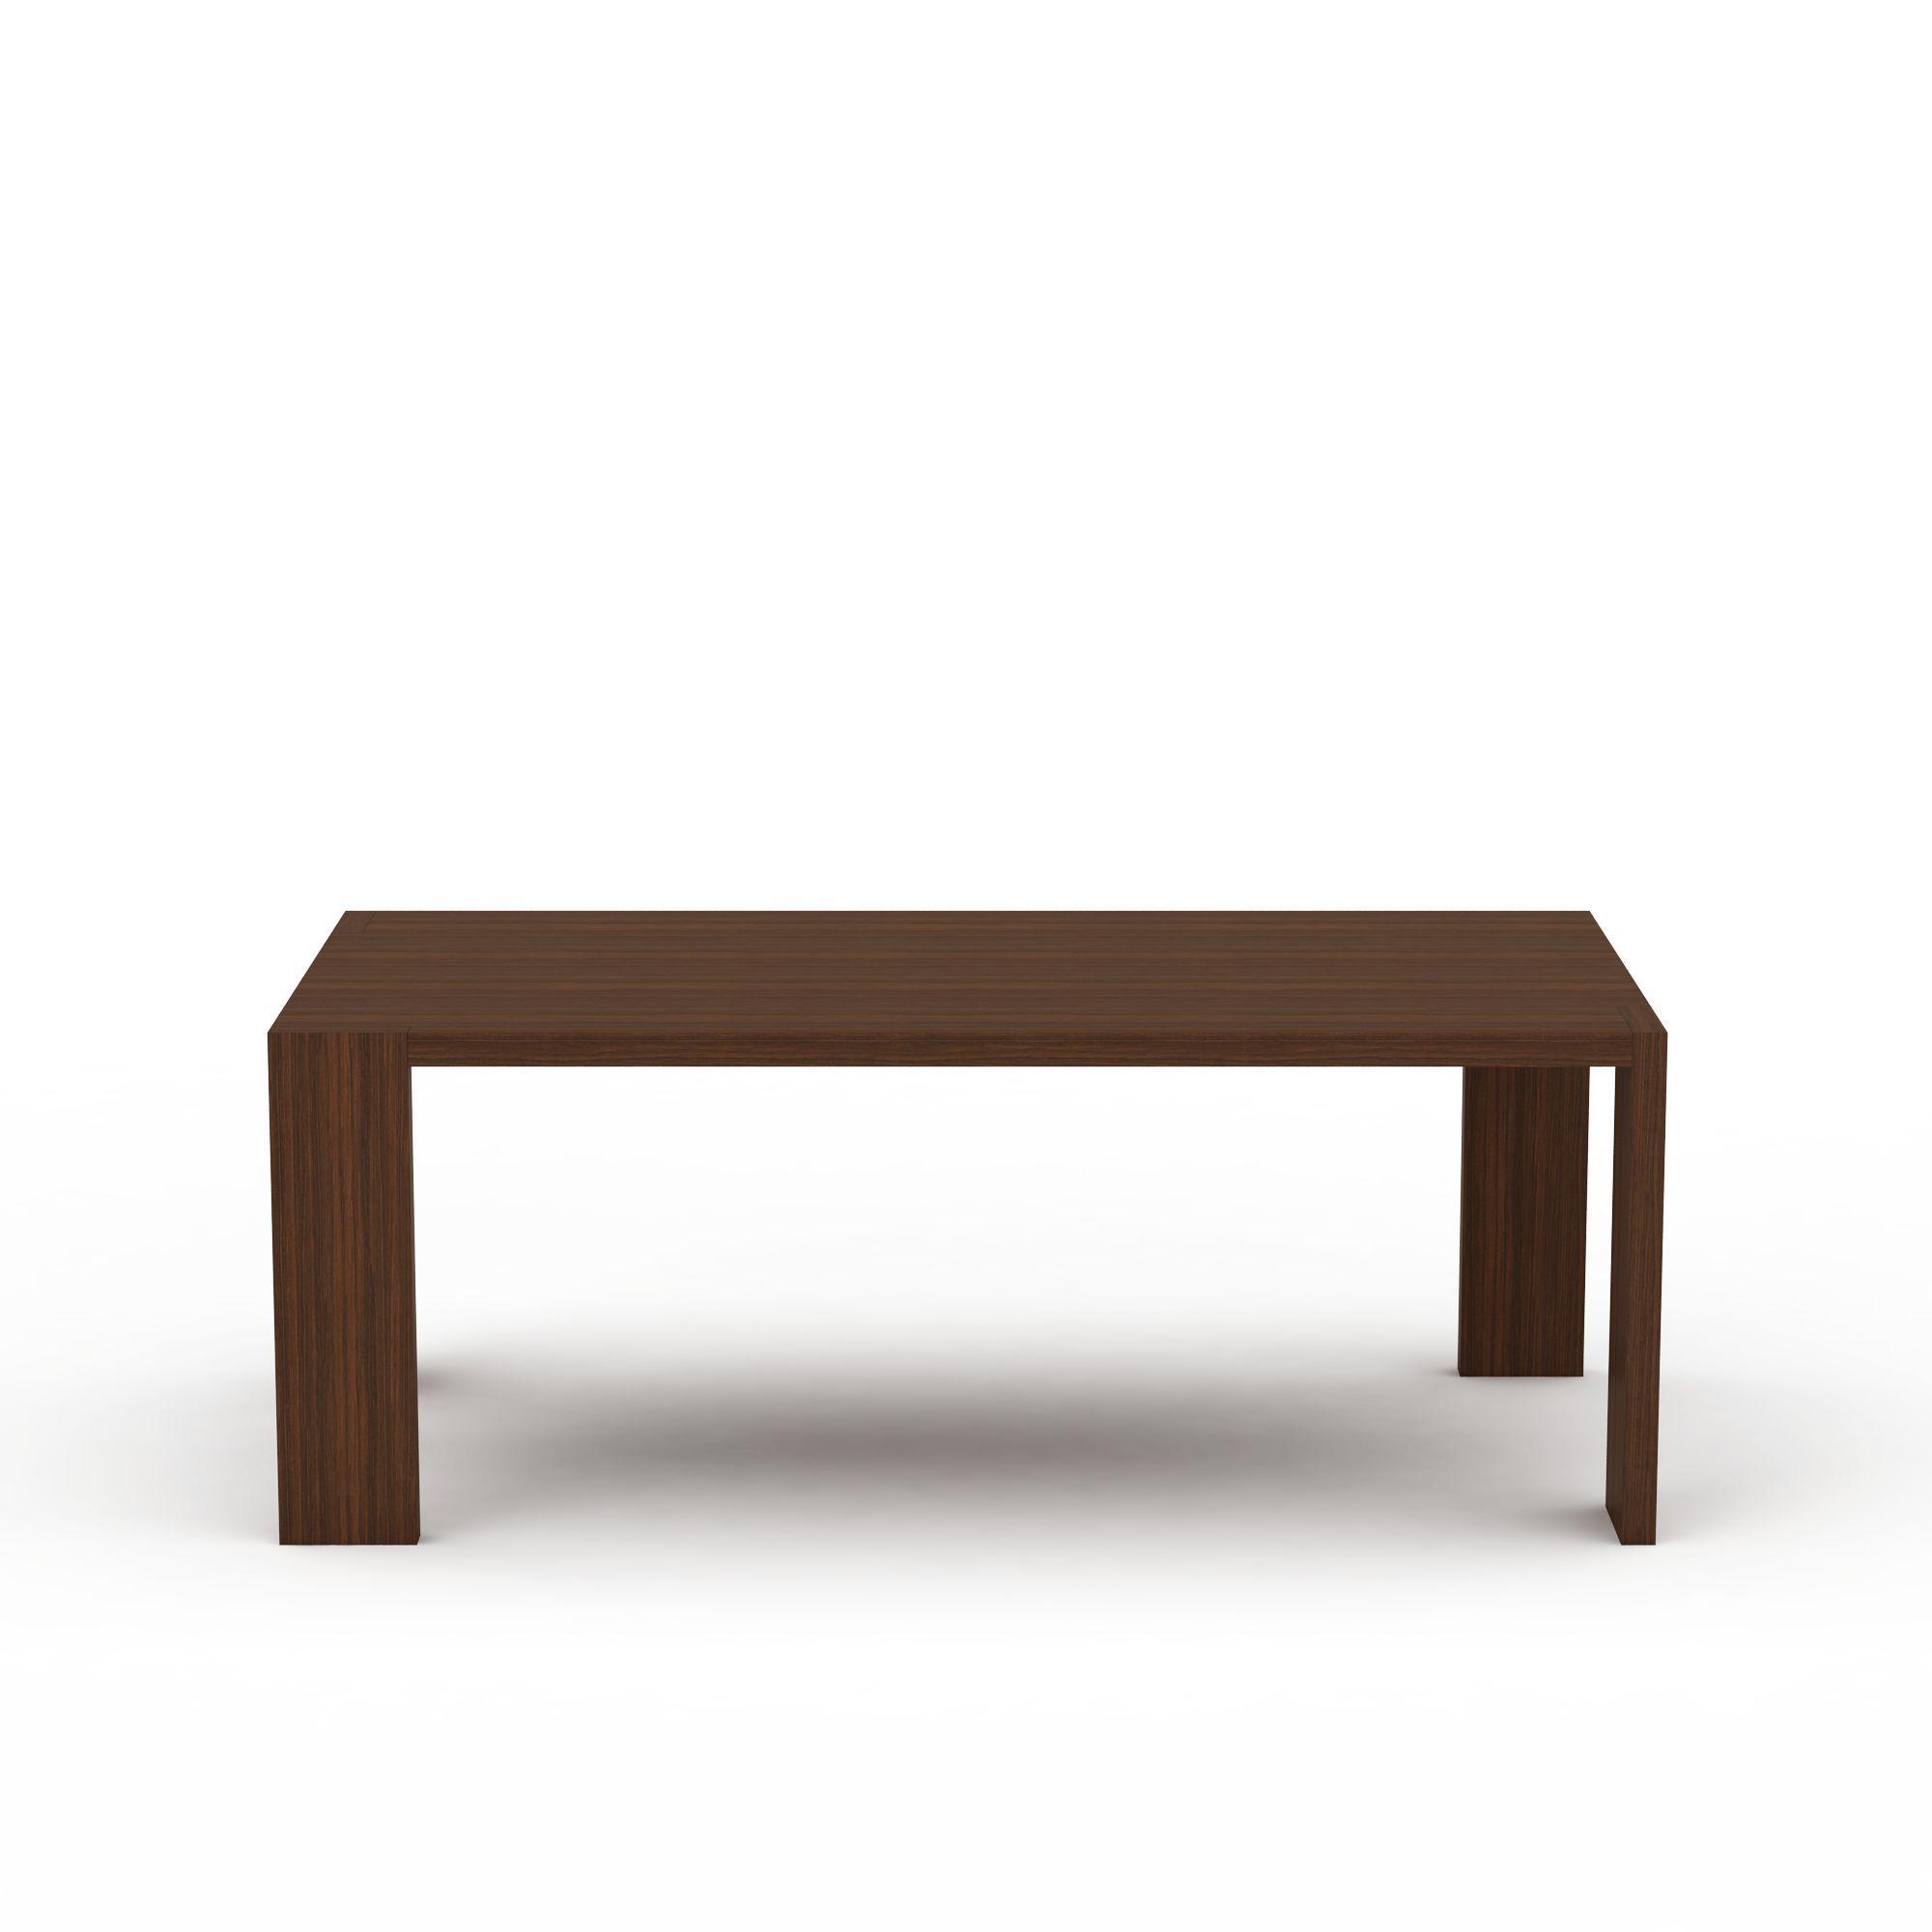 简约桌子图片_简约桌子png图片素材_简约桌子png高清